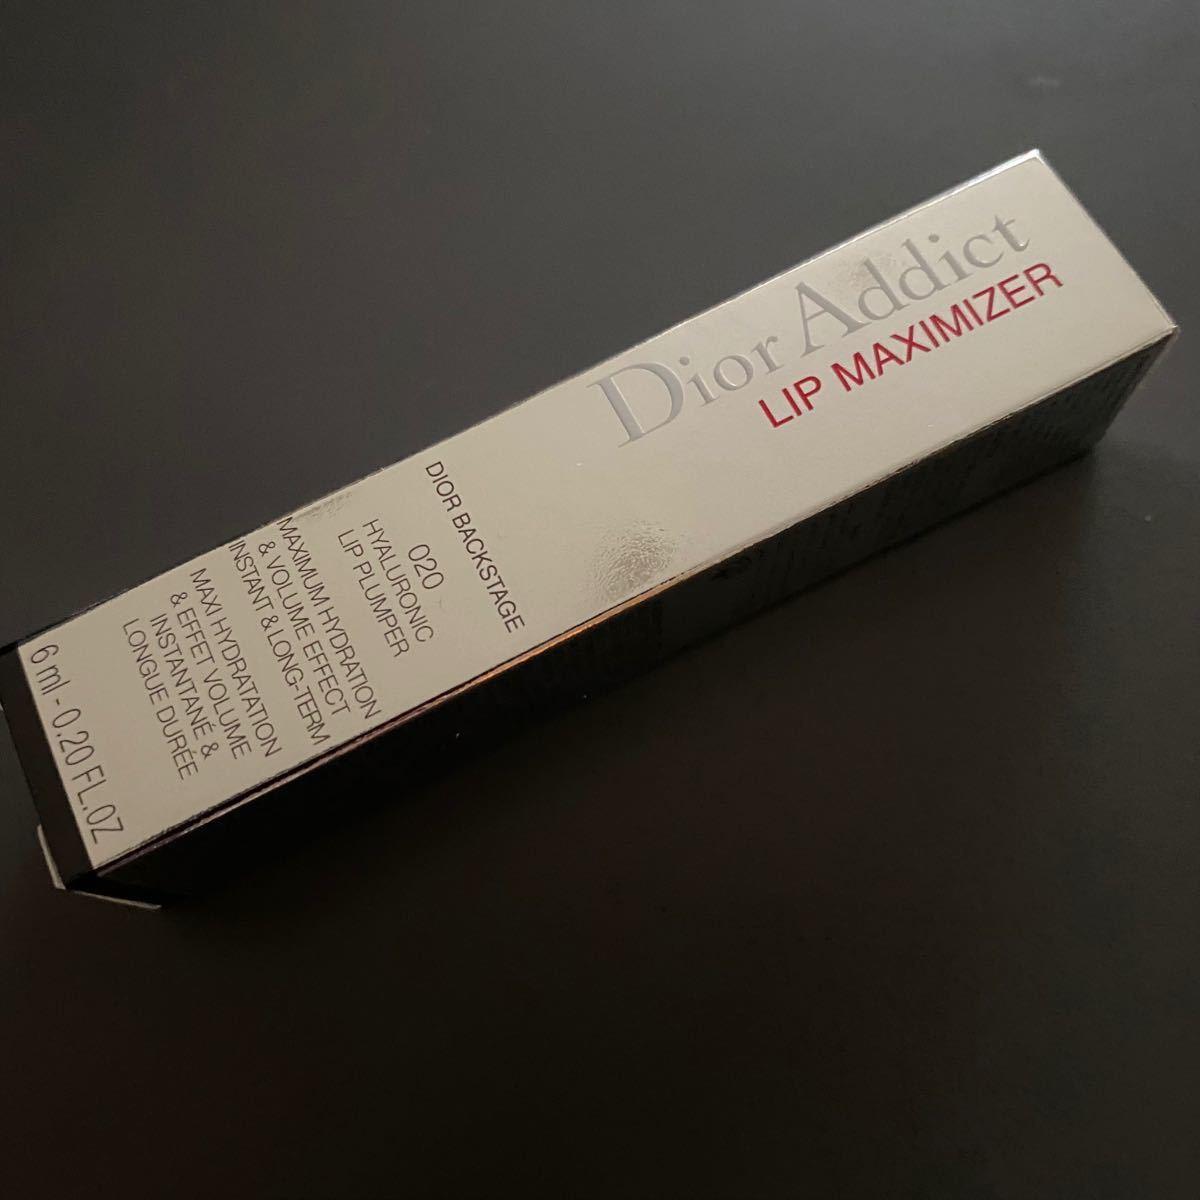 Dior アディクトリップマキシマイザー マキシマイザー 020